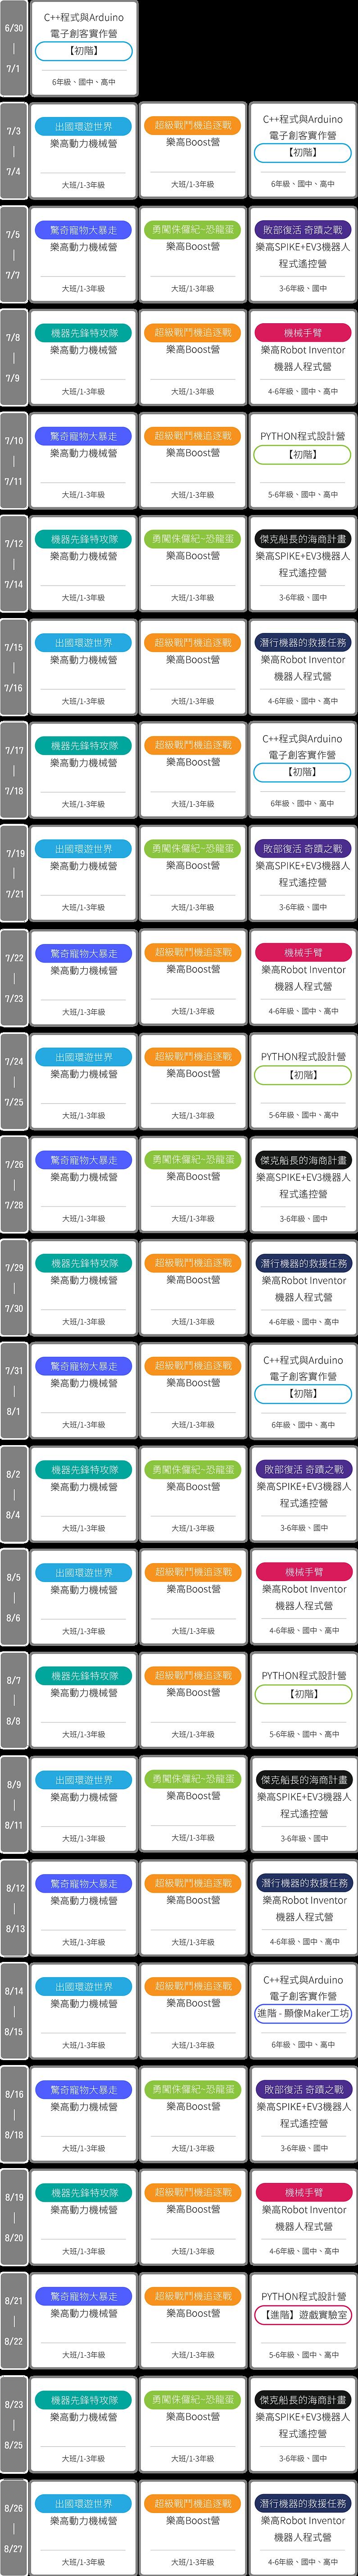 2021夏令營_梯此總表_A.png